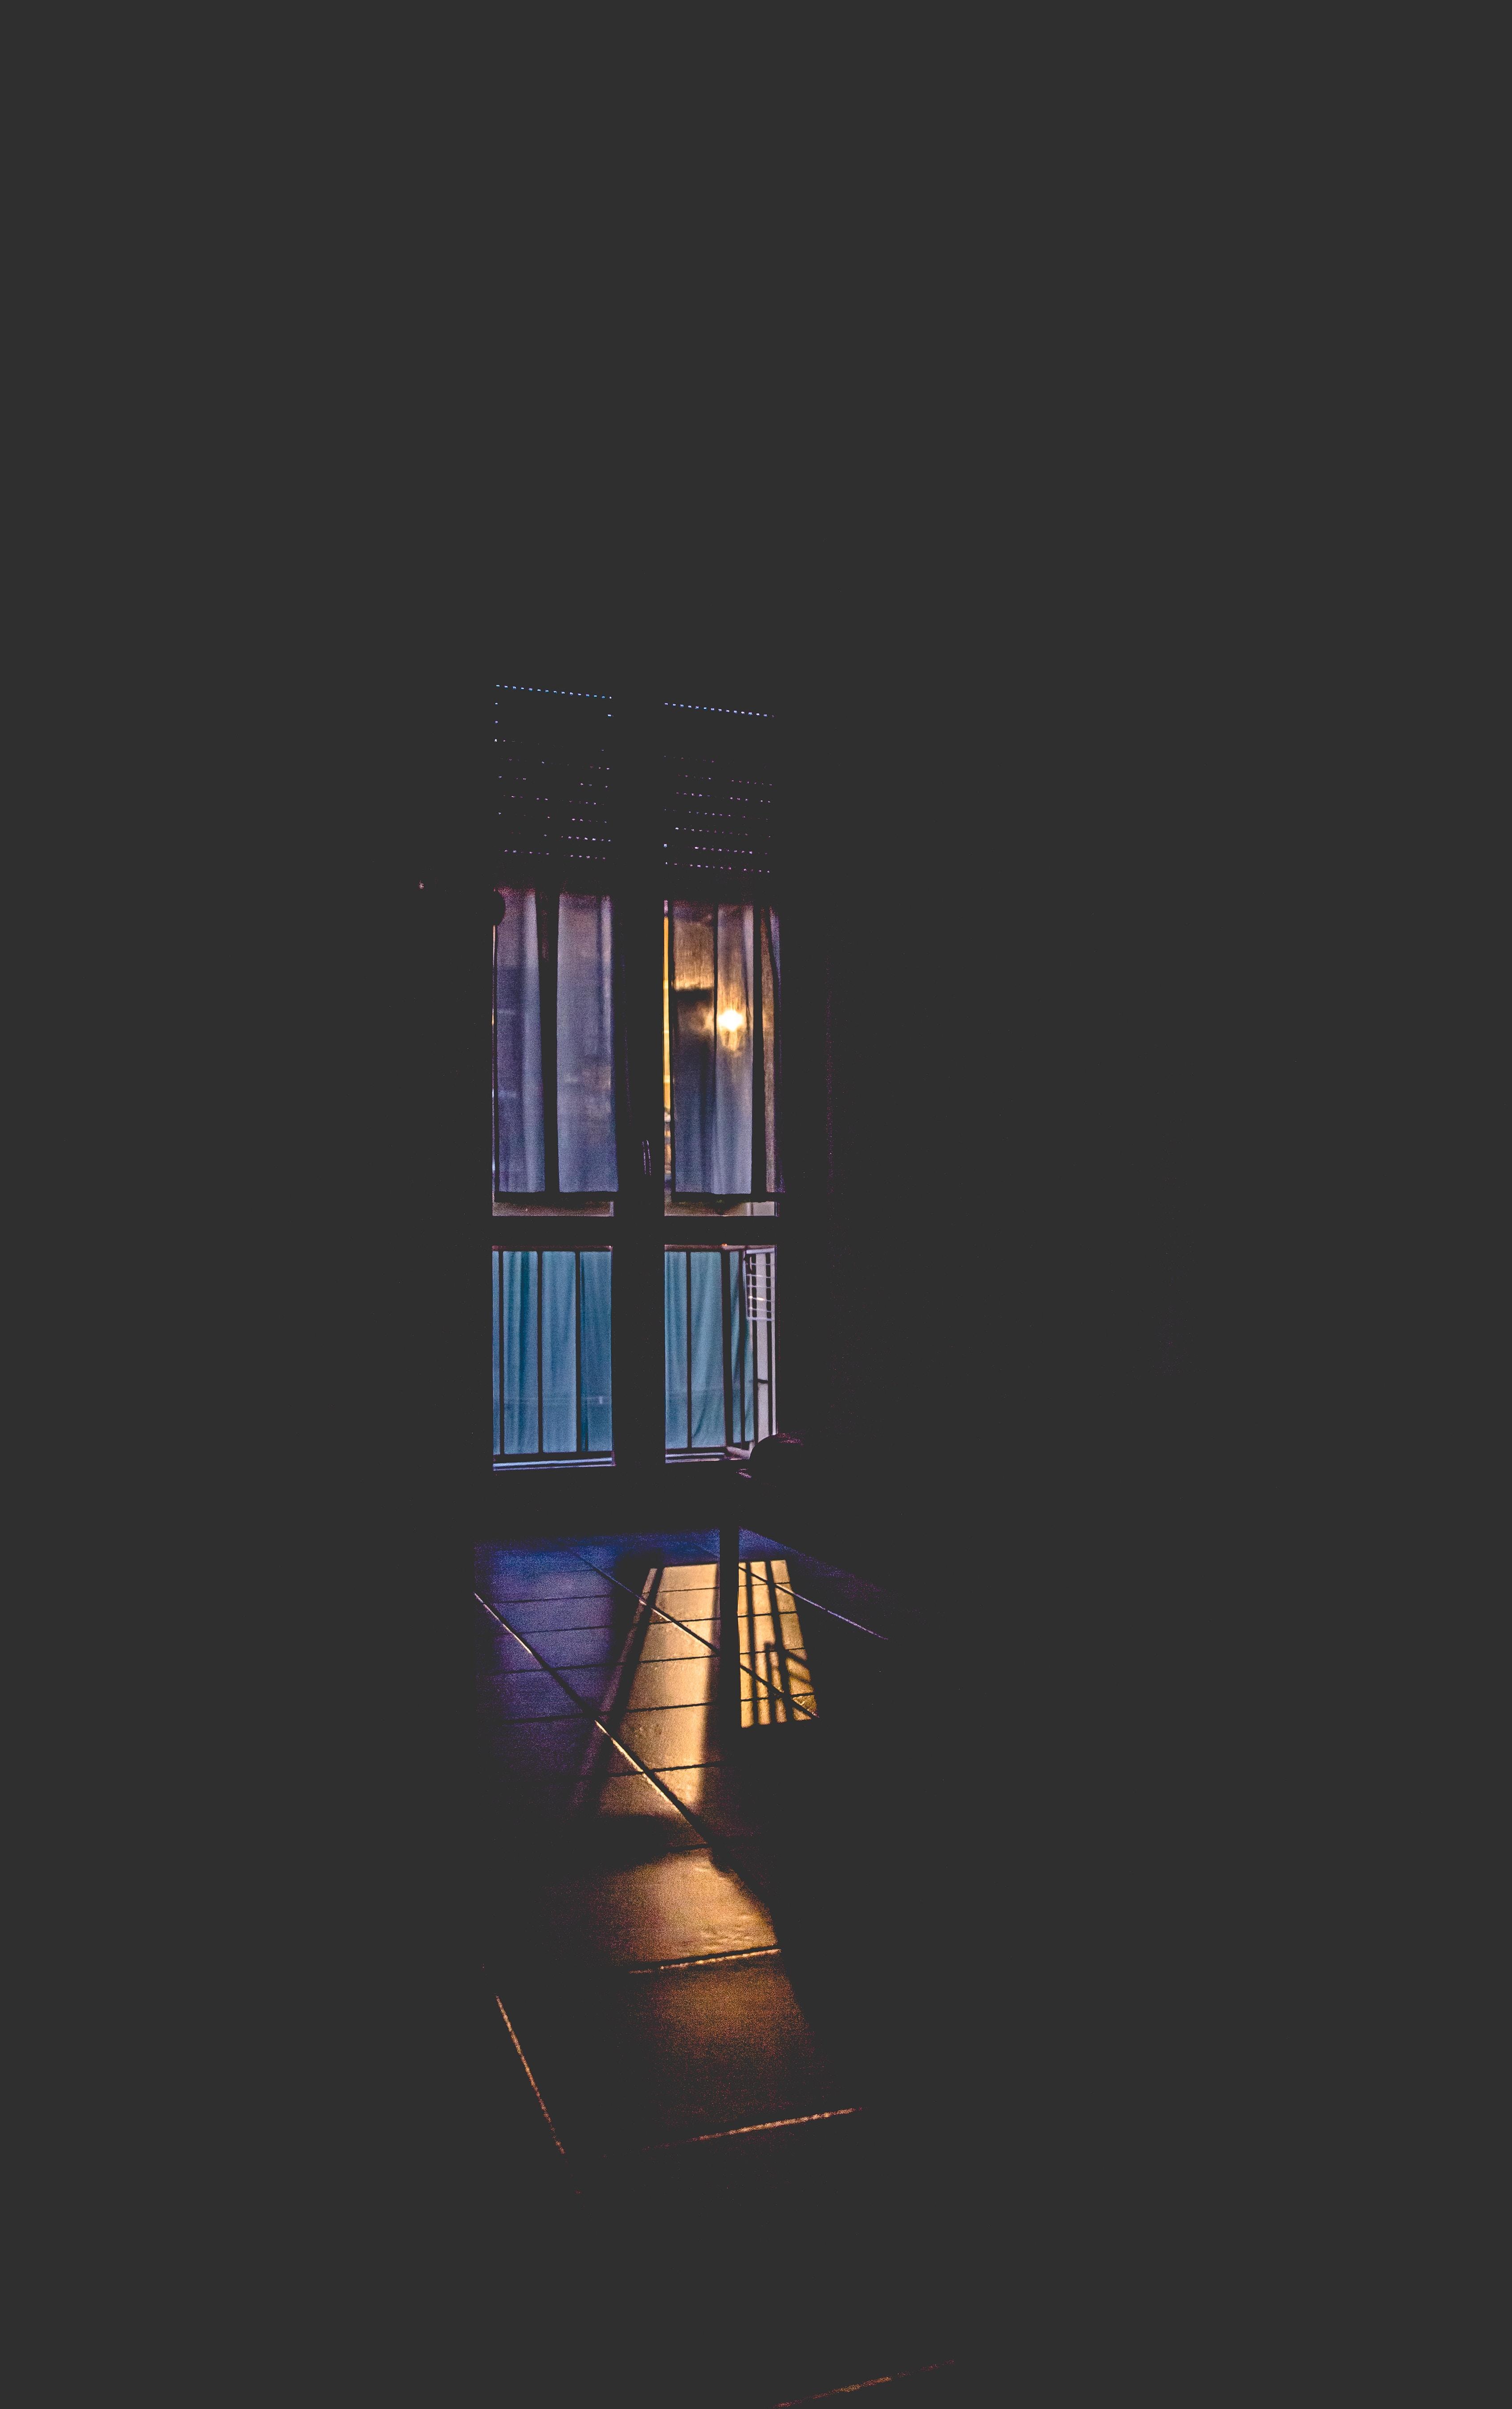 window during golden hour in dark room